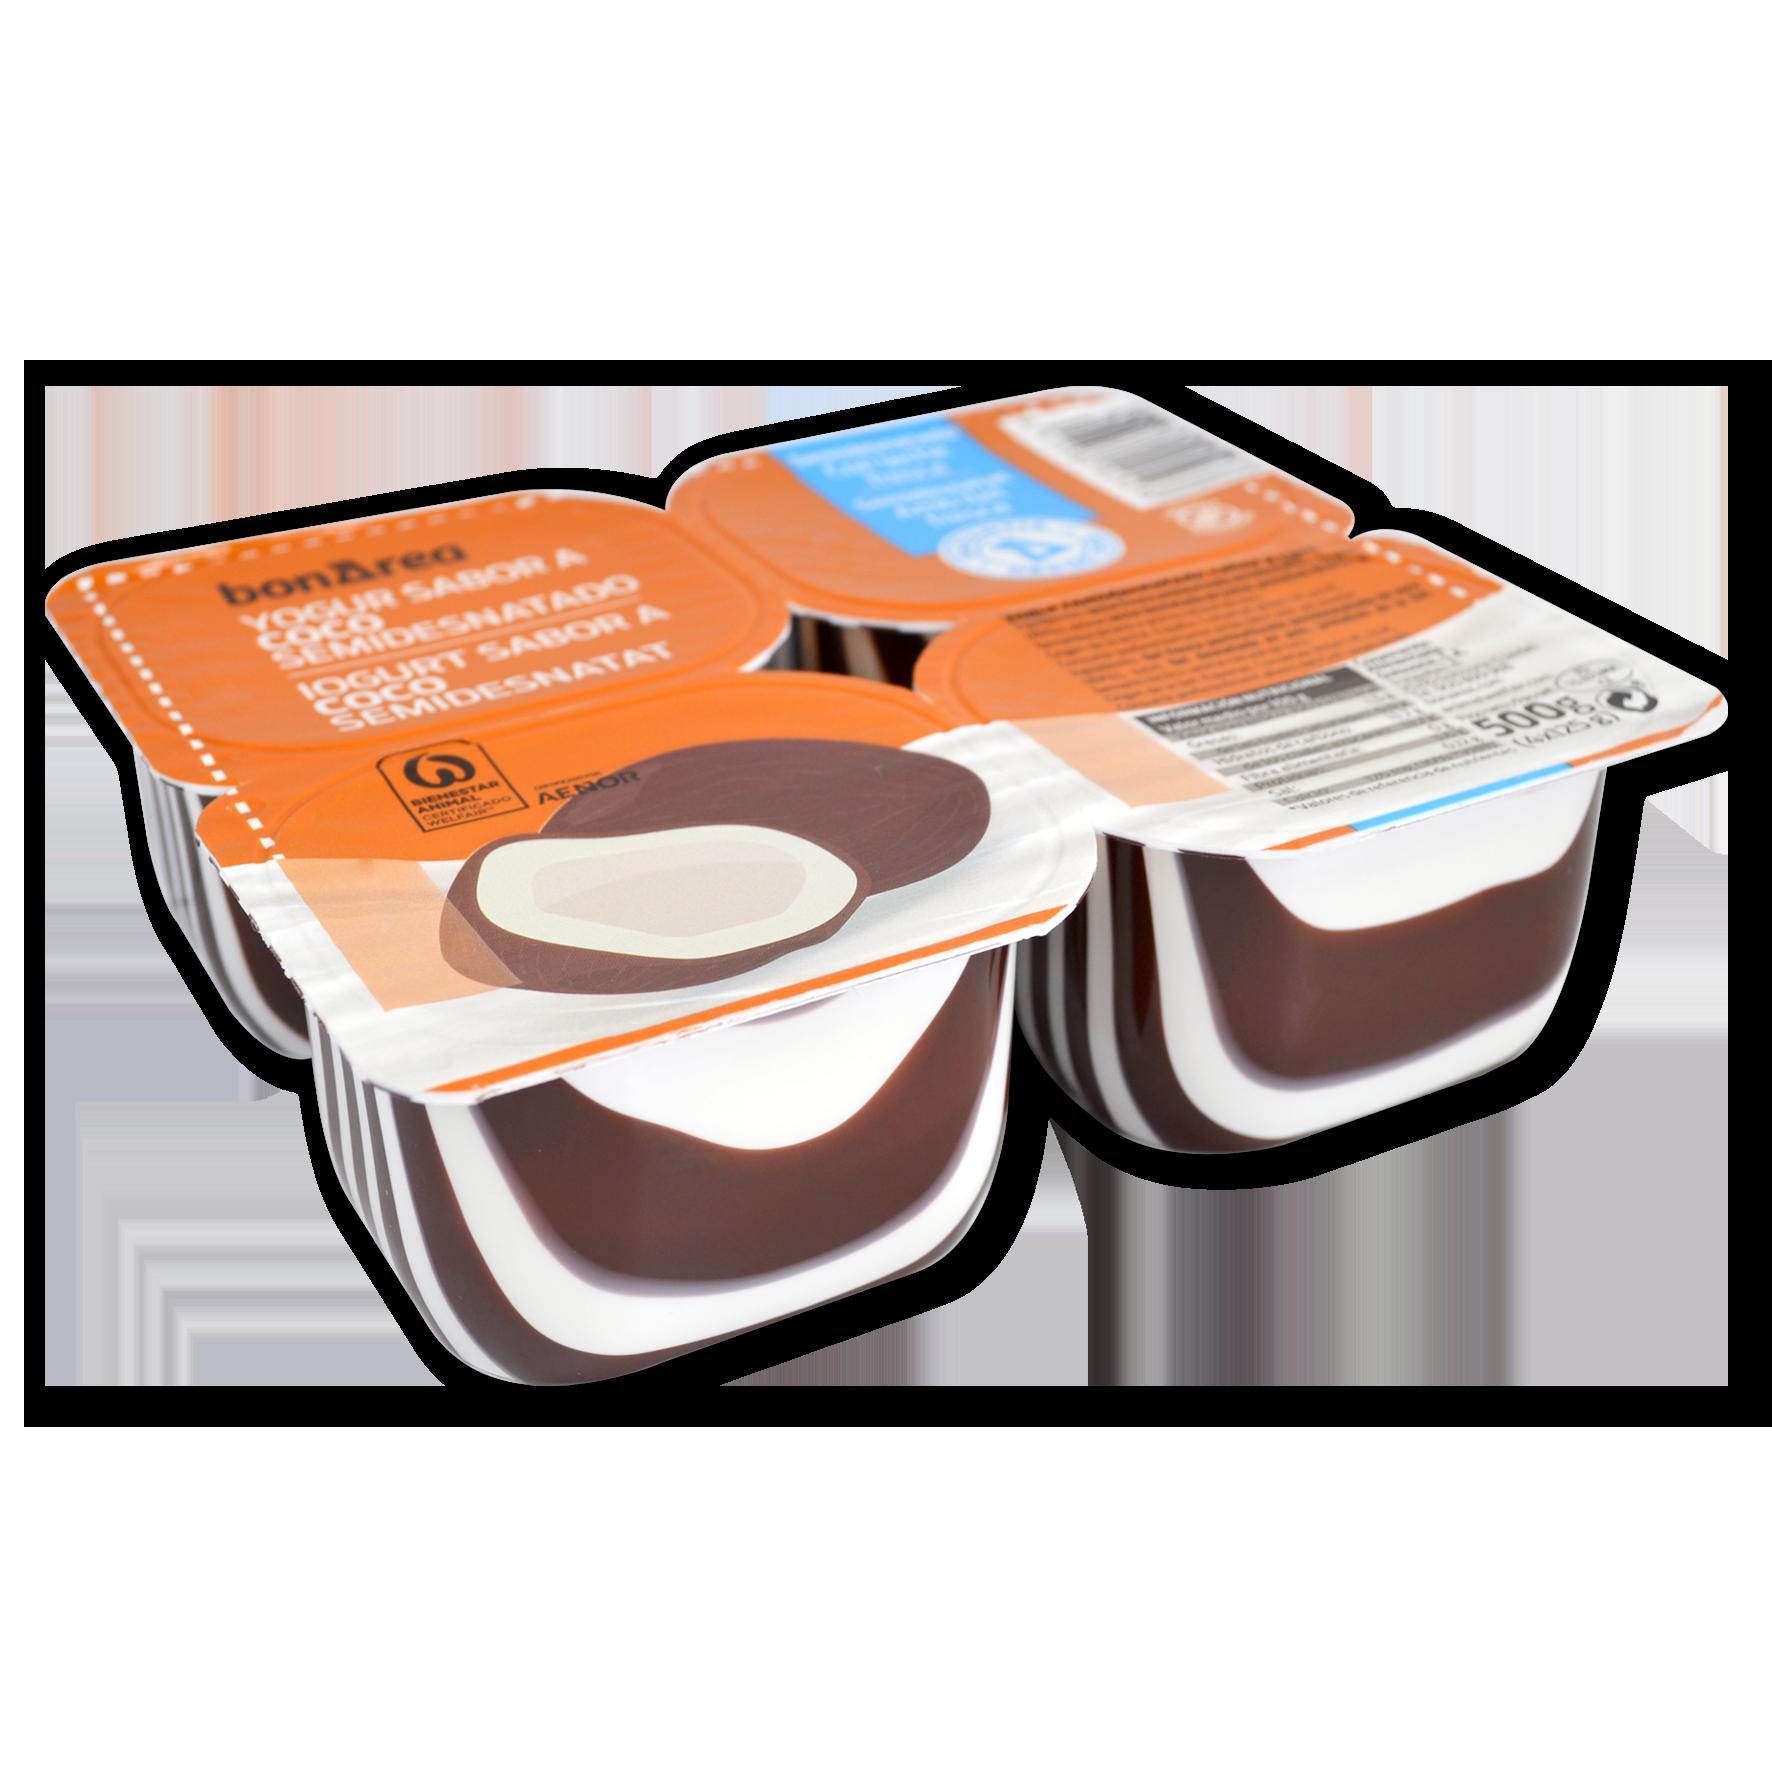 Iogurt semidesnatat sabor coco 4 u. de 125 g